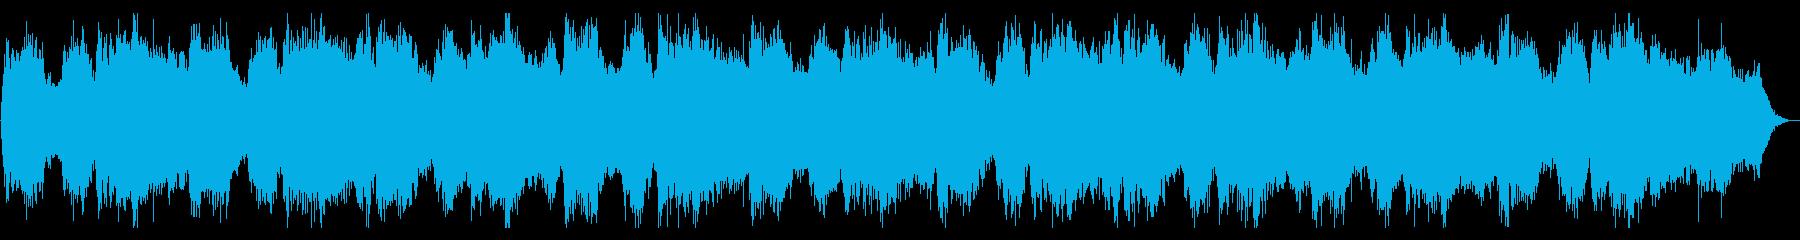 あやしいオバさんの❤ソプラノ❤優しい高音の再生済みの波形